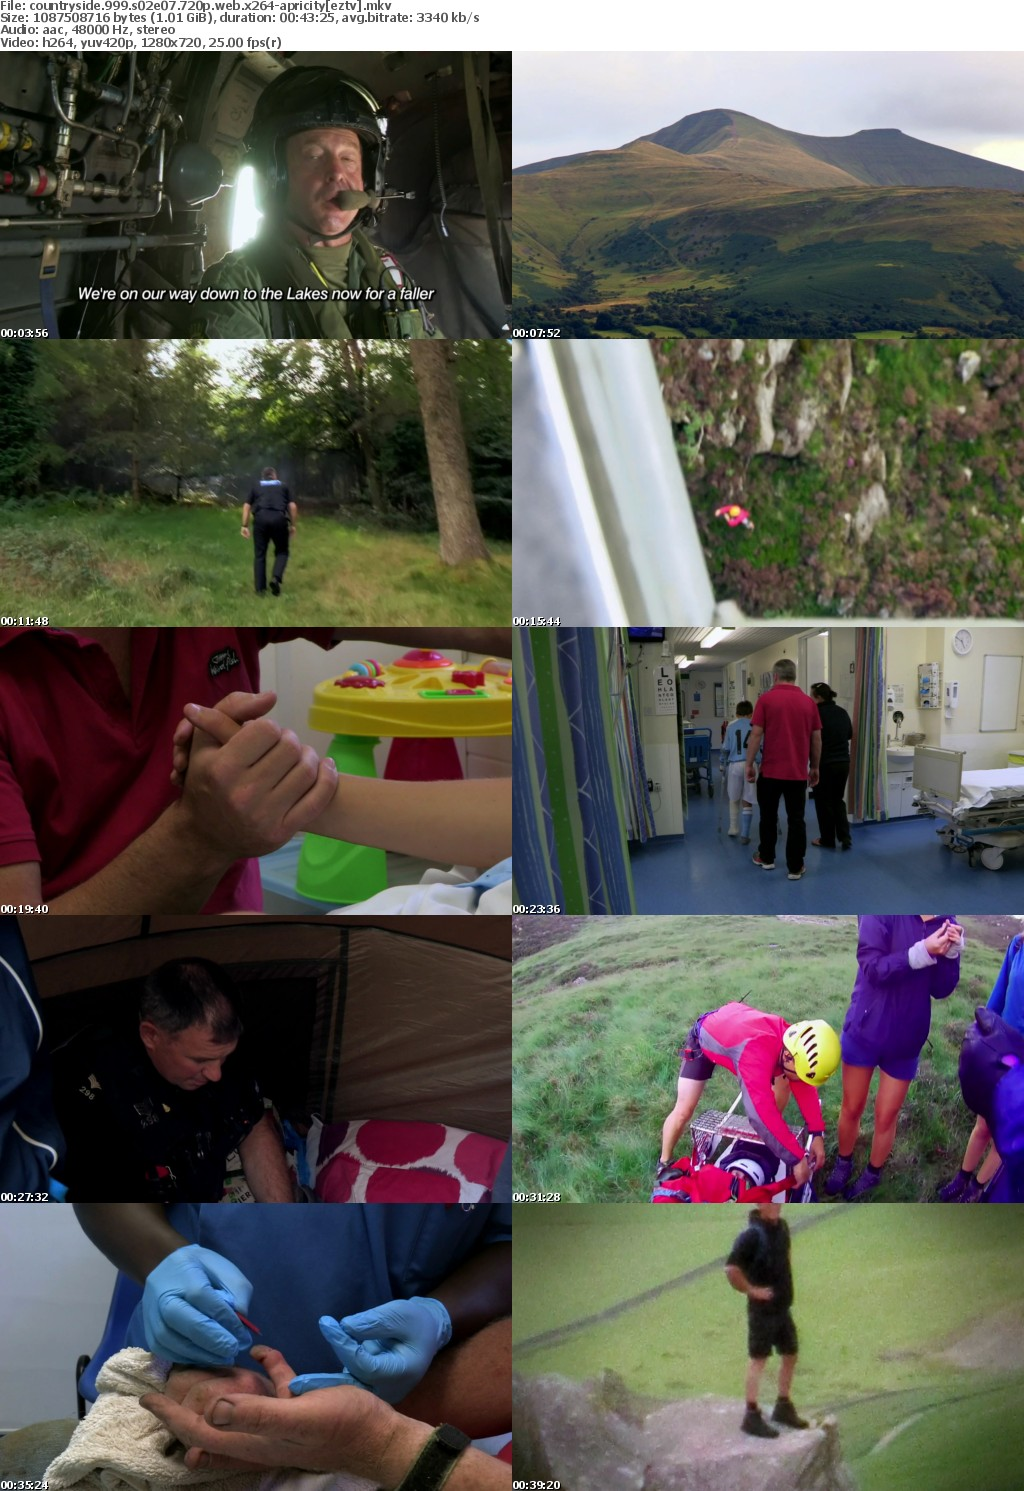 Countryside 999 S02E07 720p WEB x264-APRiCiTY